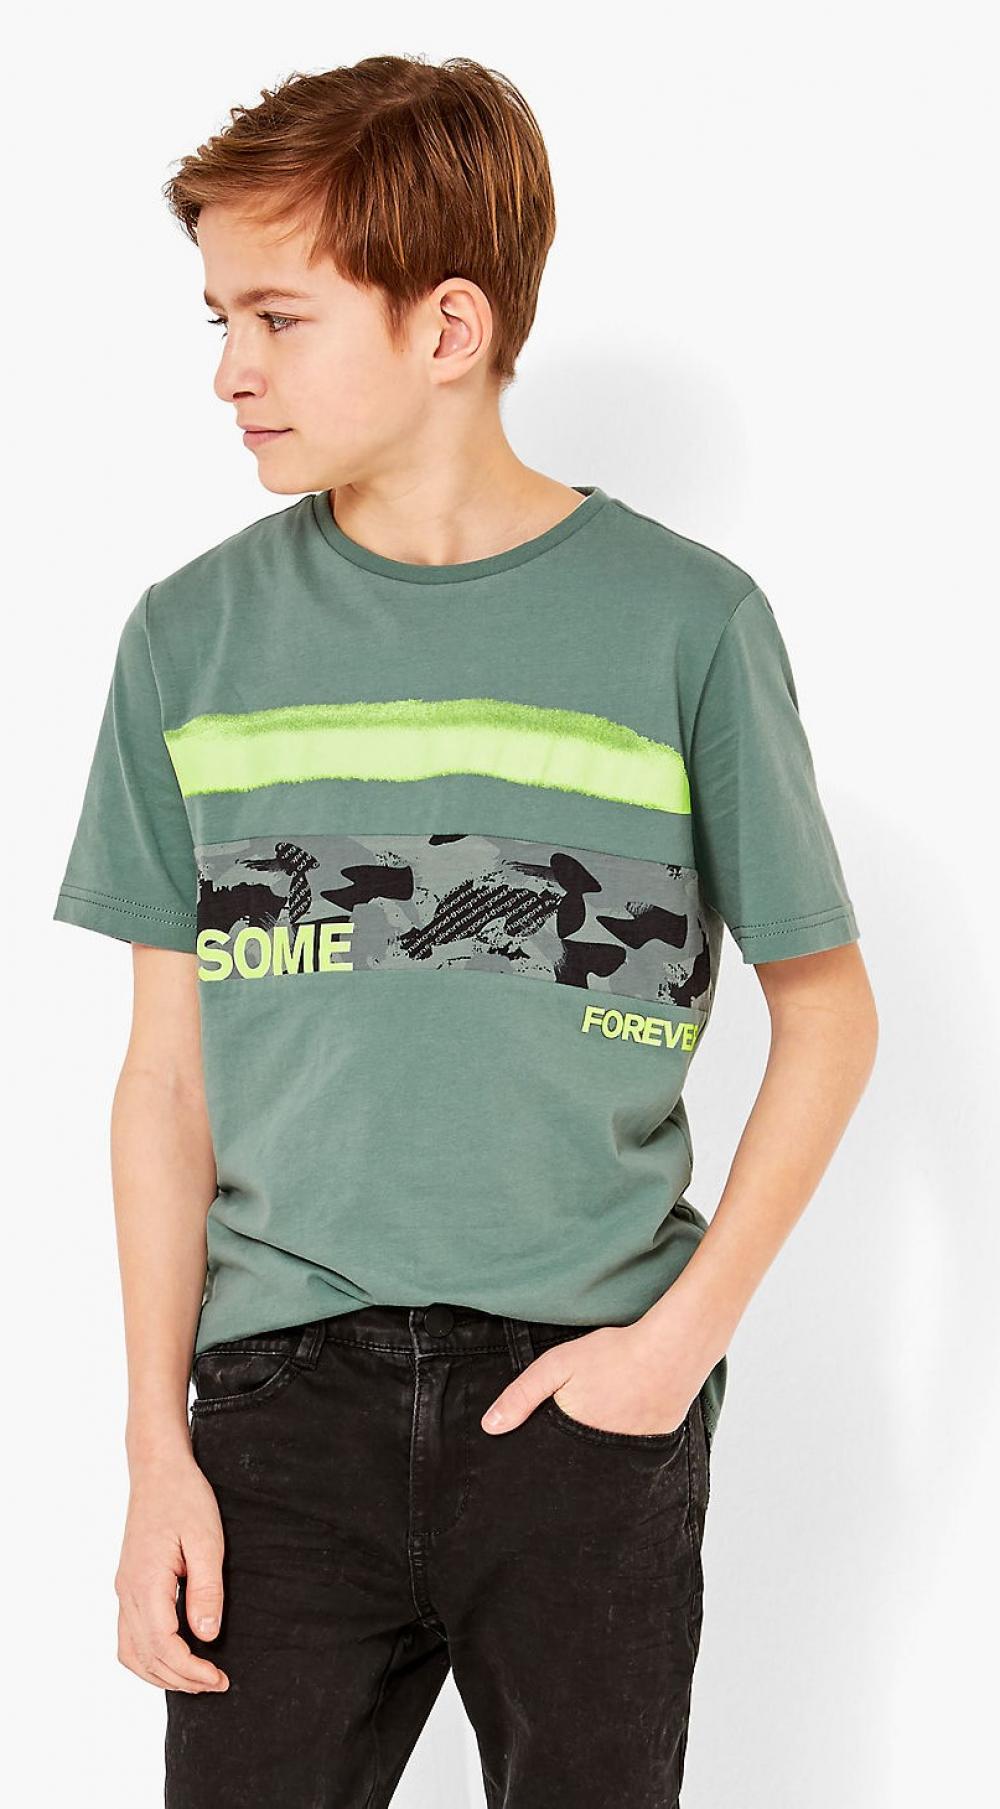 Fiú tshirt